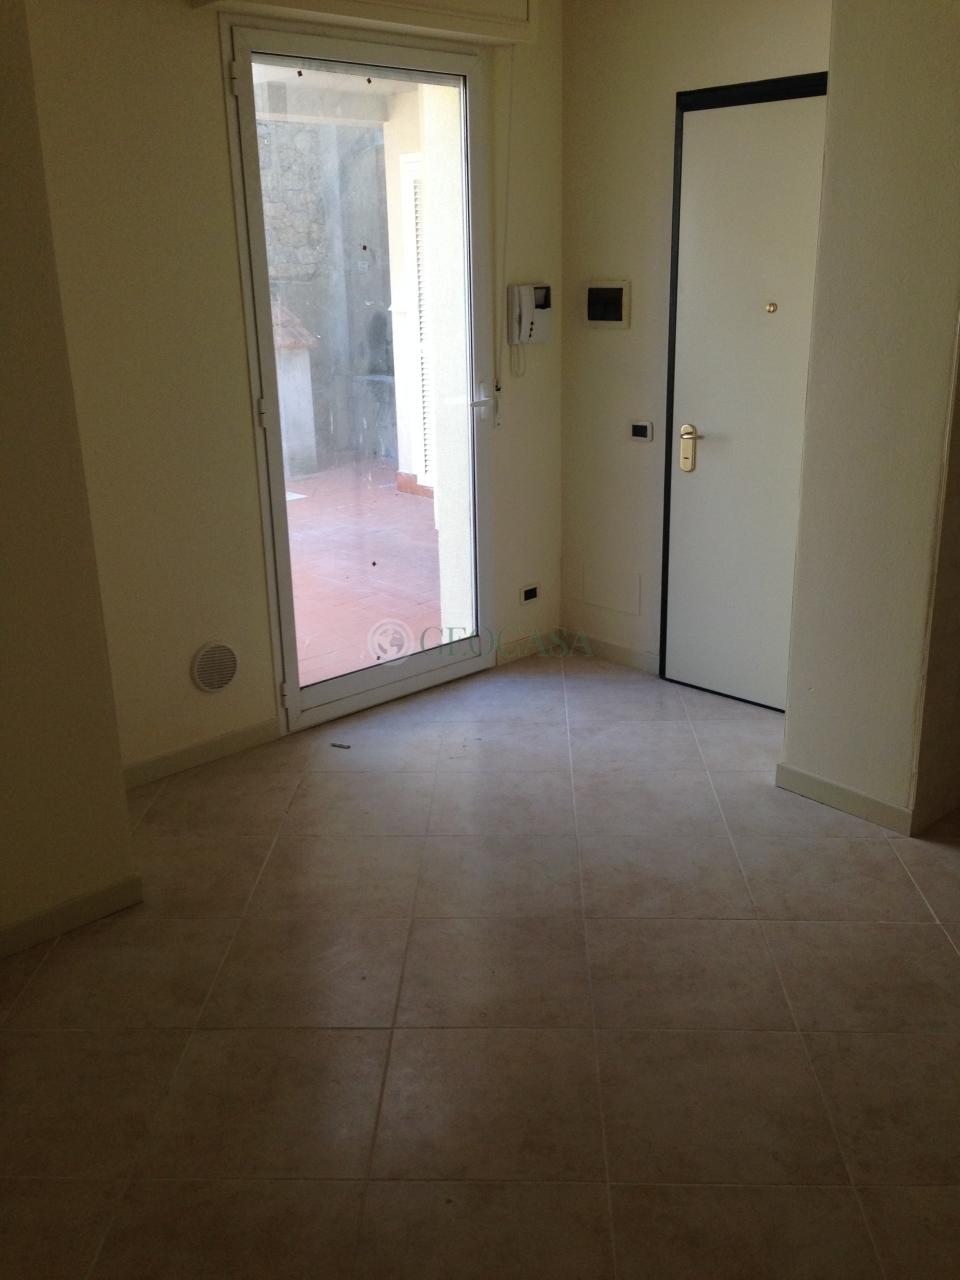 Appartamento in vendita a Portovenere, 2 locali, prezzo € 140.000 | Cambio Casa.it